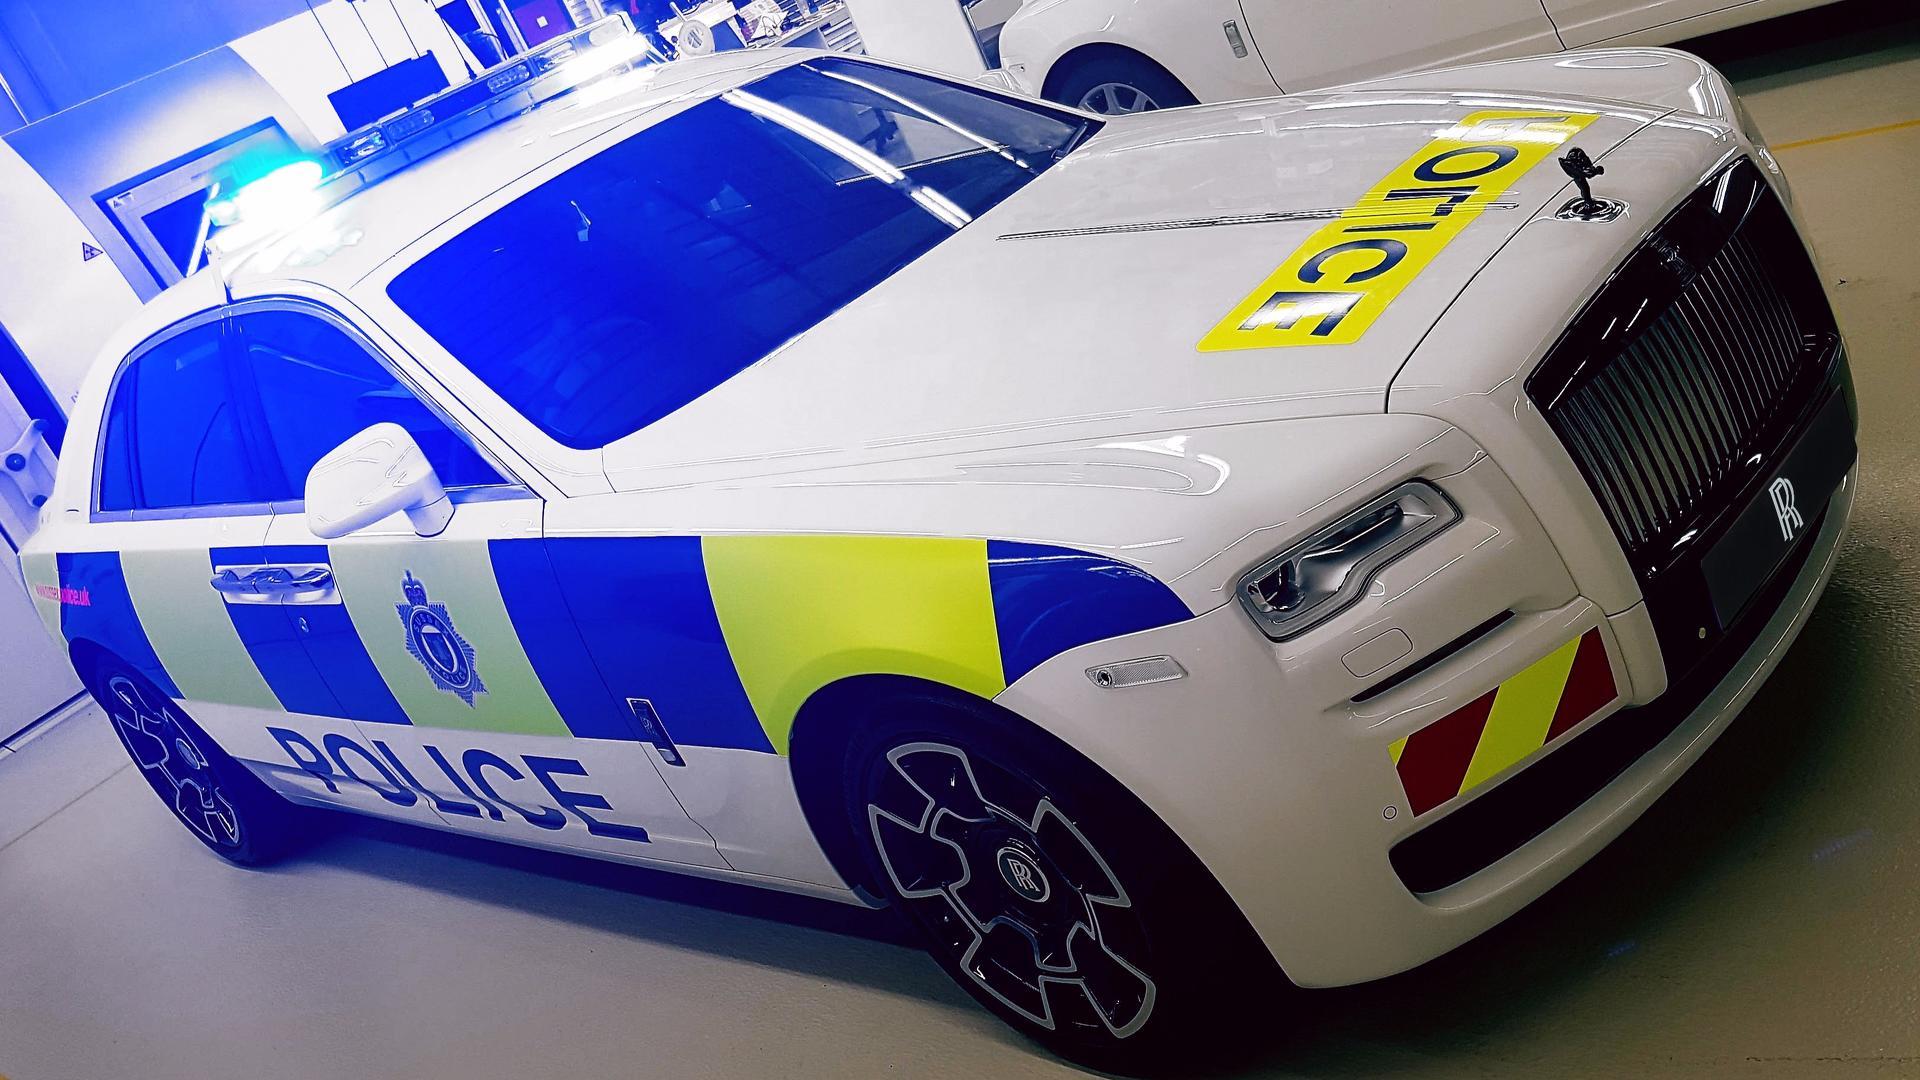 Une Rolls Royce de police en angleterre insolite2 - Une Rolls Royce de police en angleterre insolite